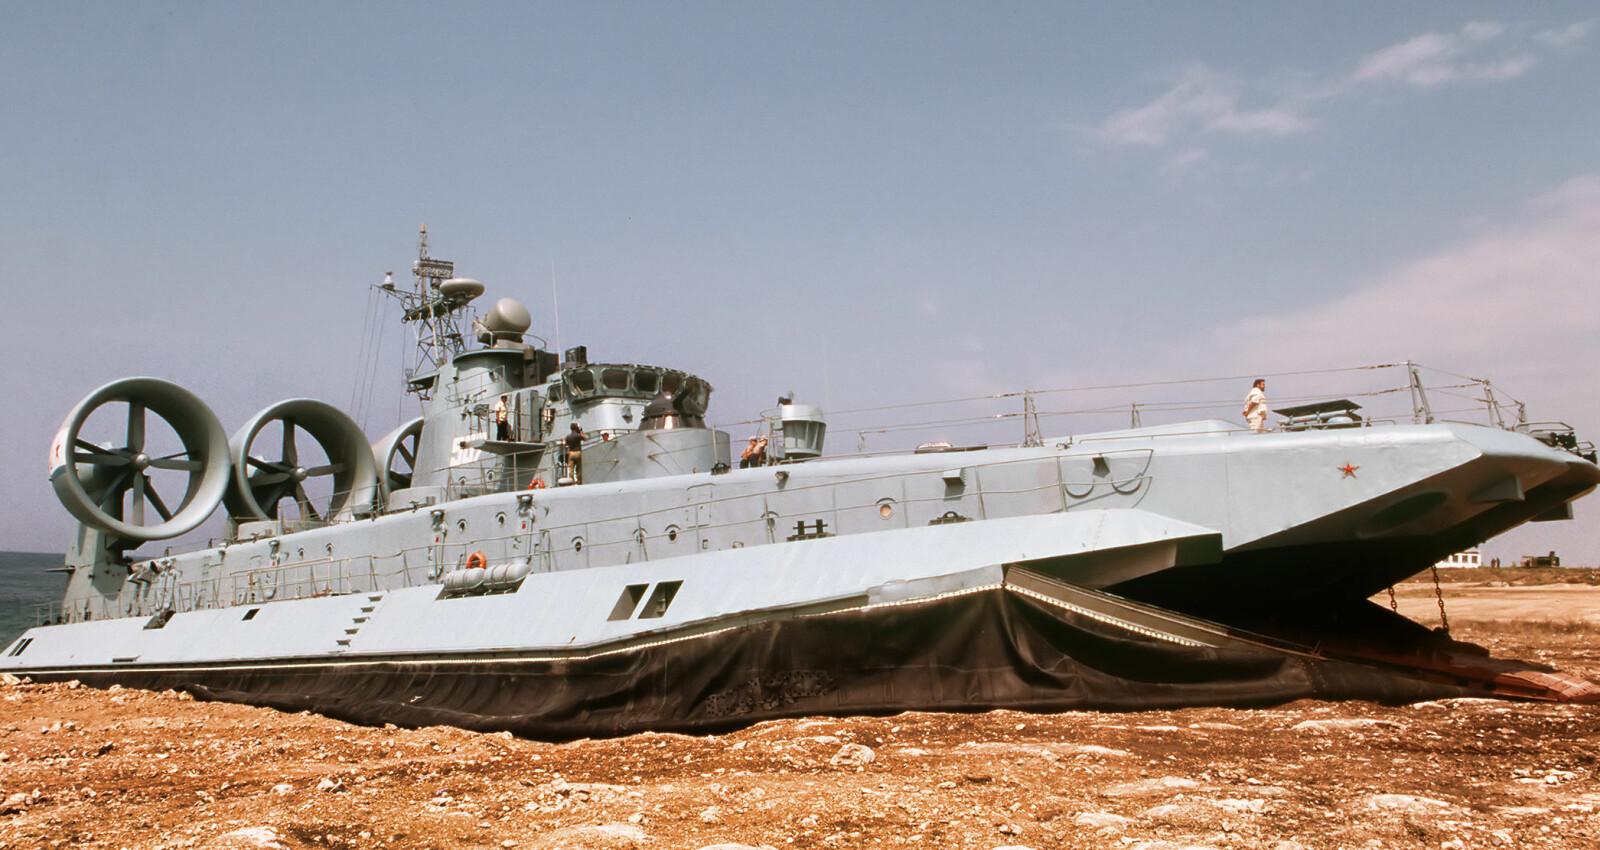 <b>PÅ LAND &amp; VANN:</b> Verdens største luftputebåt kan «sveve» et godt stykke opp på stranden før den setter av soldater og militært utstyr som tanks. Den kan ta tre tanks av gangen.